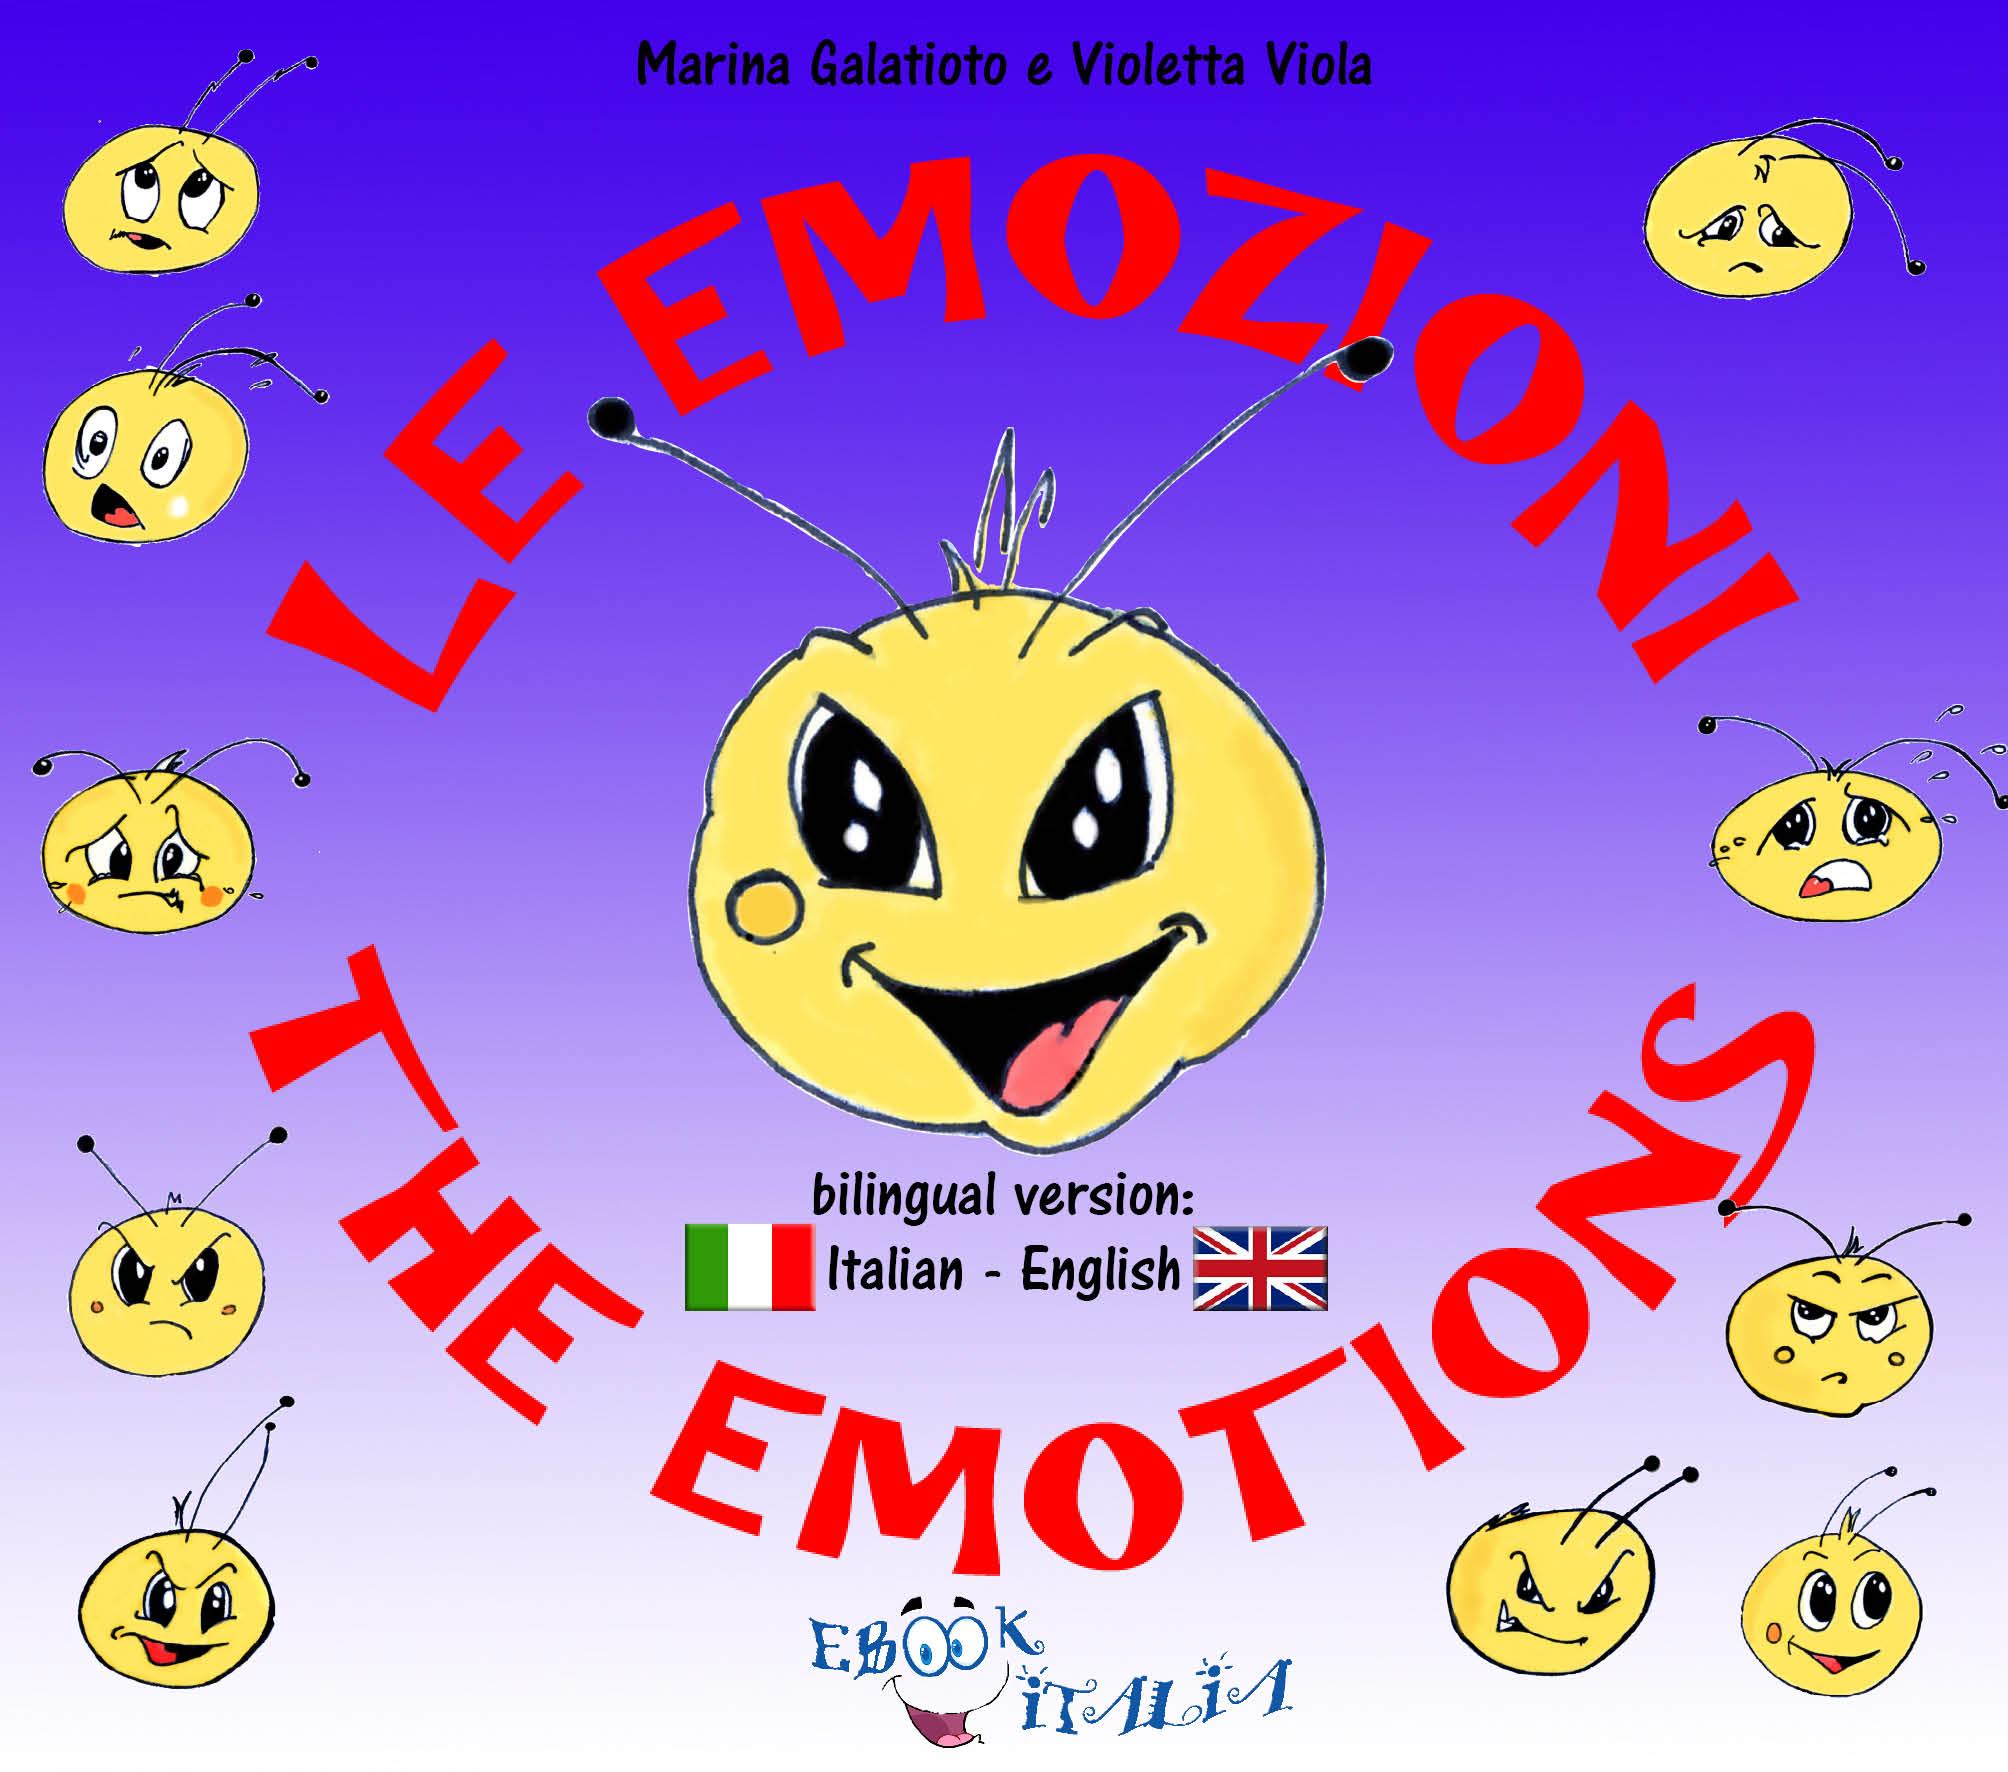 Le Emozioni per Bambini bilingue ita-gb